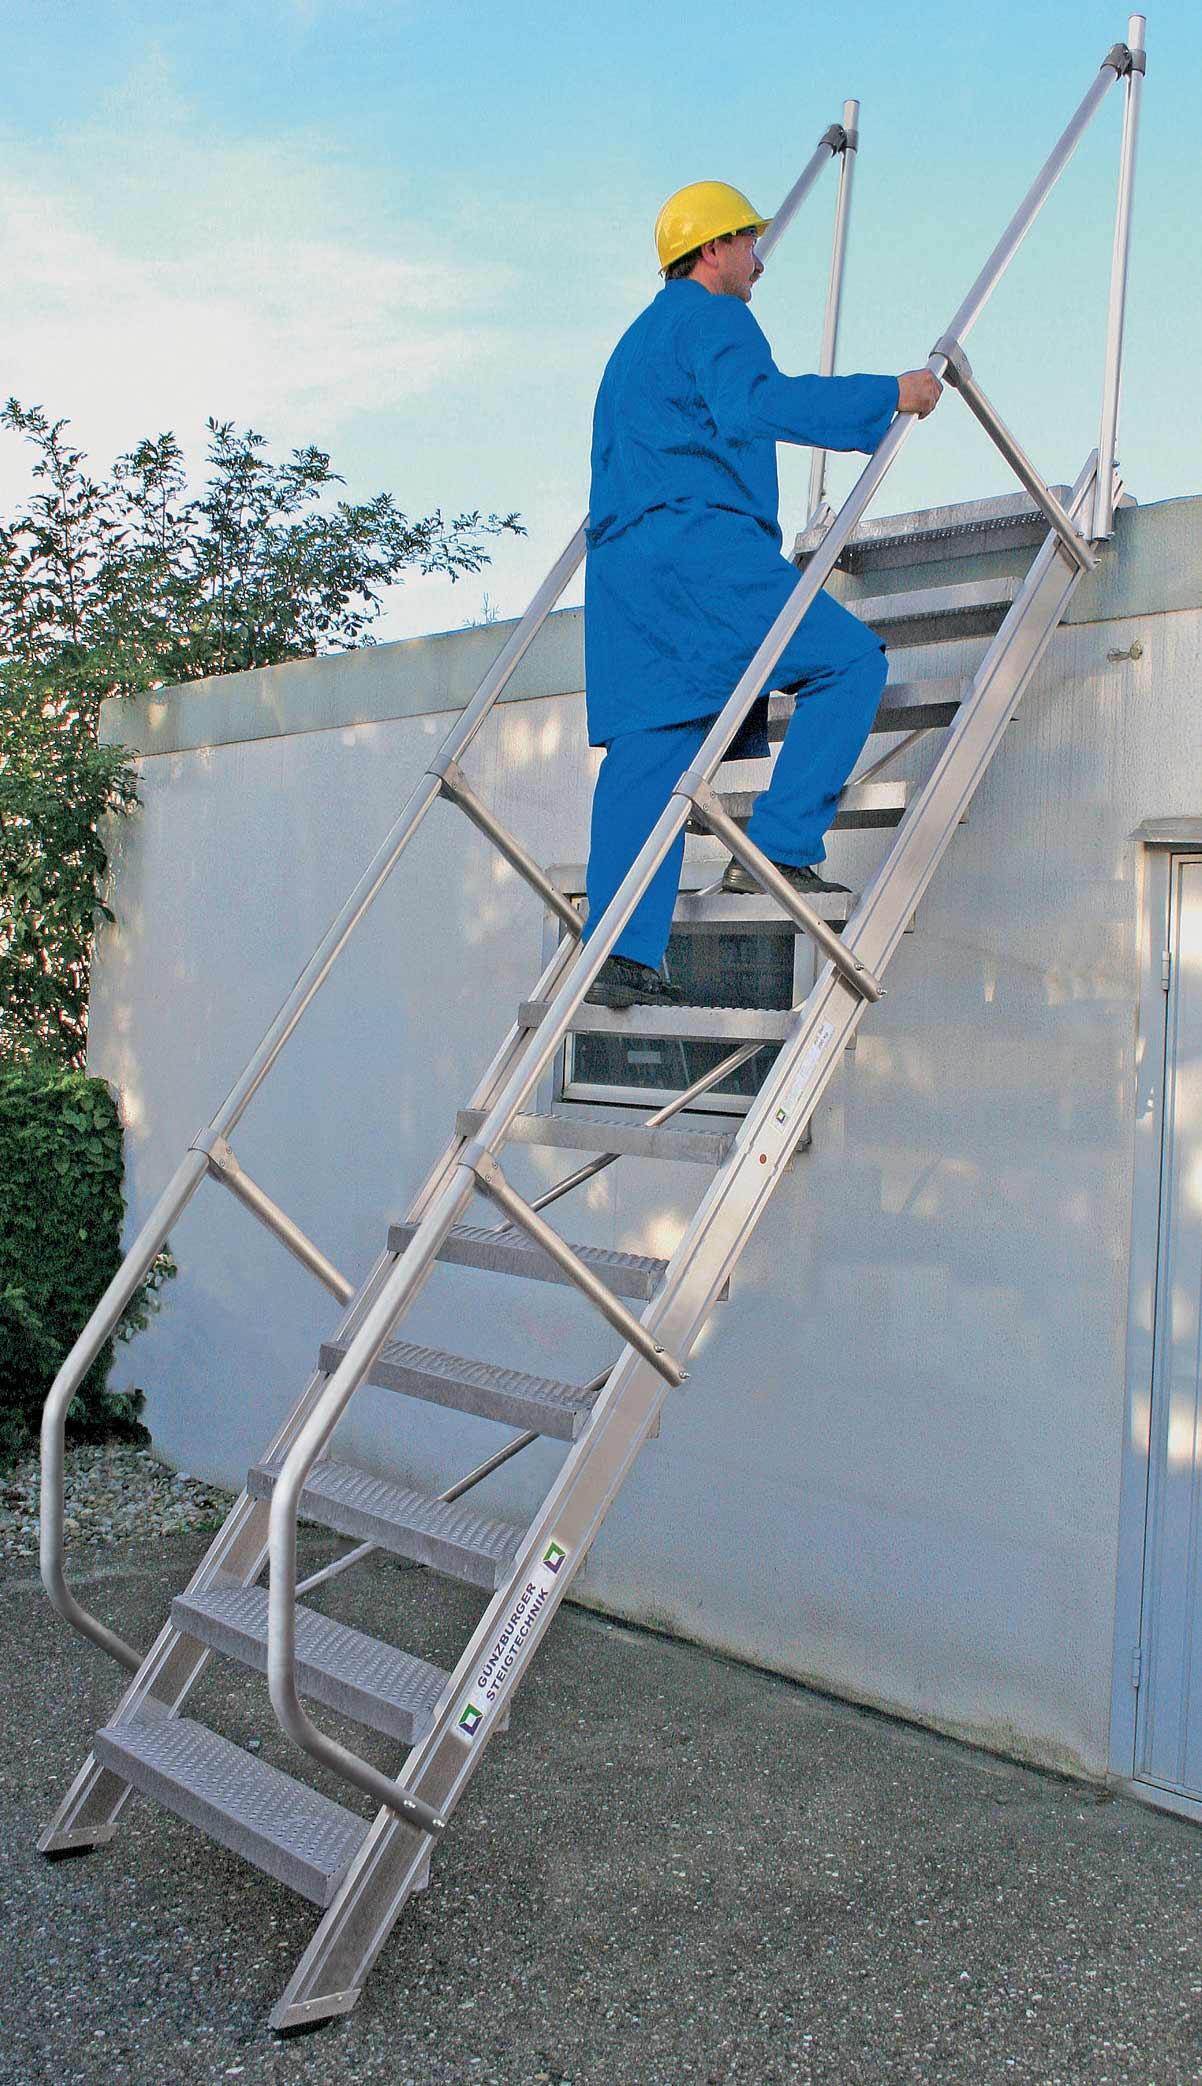 Günzburger Treppe 60° 12 Stufen - 800 mm breit Alutreppe mit Stufenbreite 800 mm (GB-300232) Bild-01